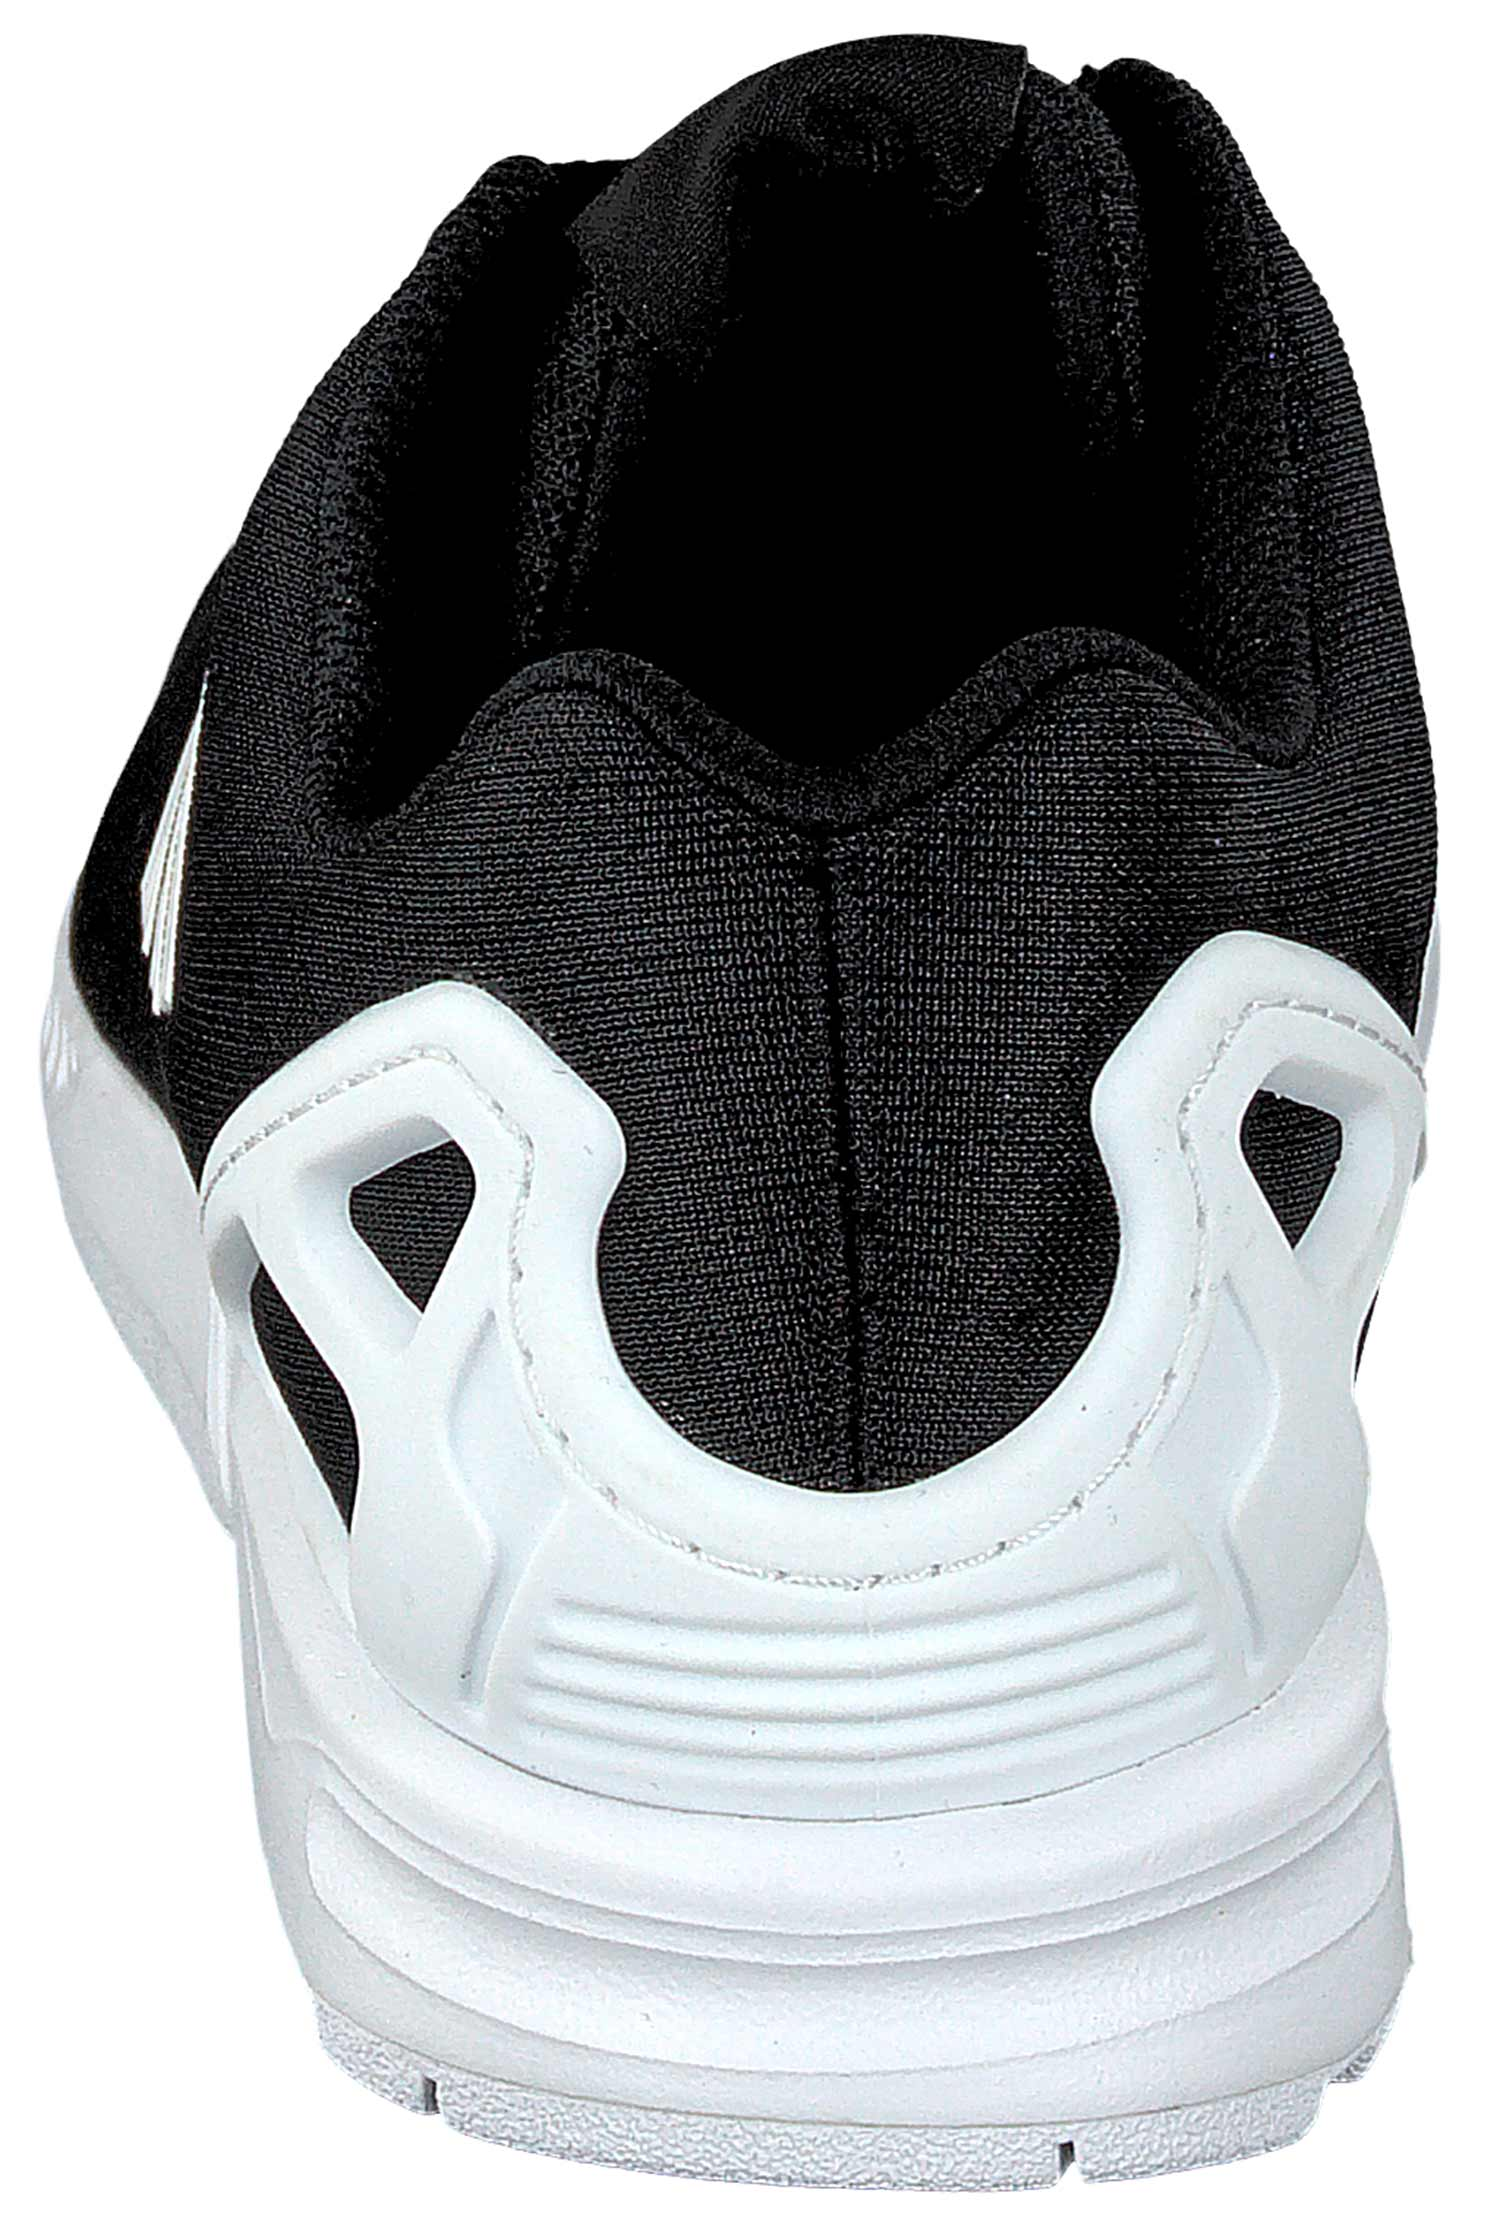 ADIDAS-Chaussures-pour-hommes-Baskets-de-sport-course-s76499-ZX-FLUX-NOIR-BLANC